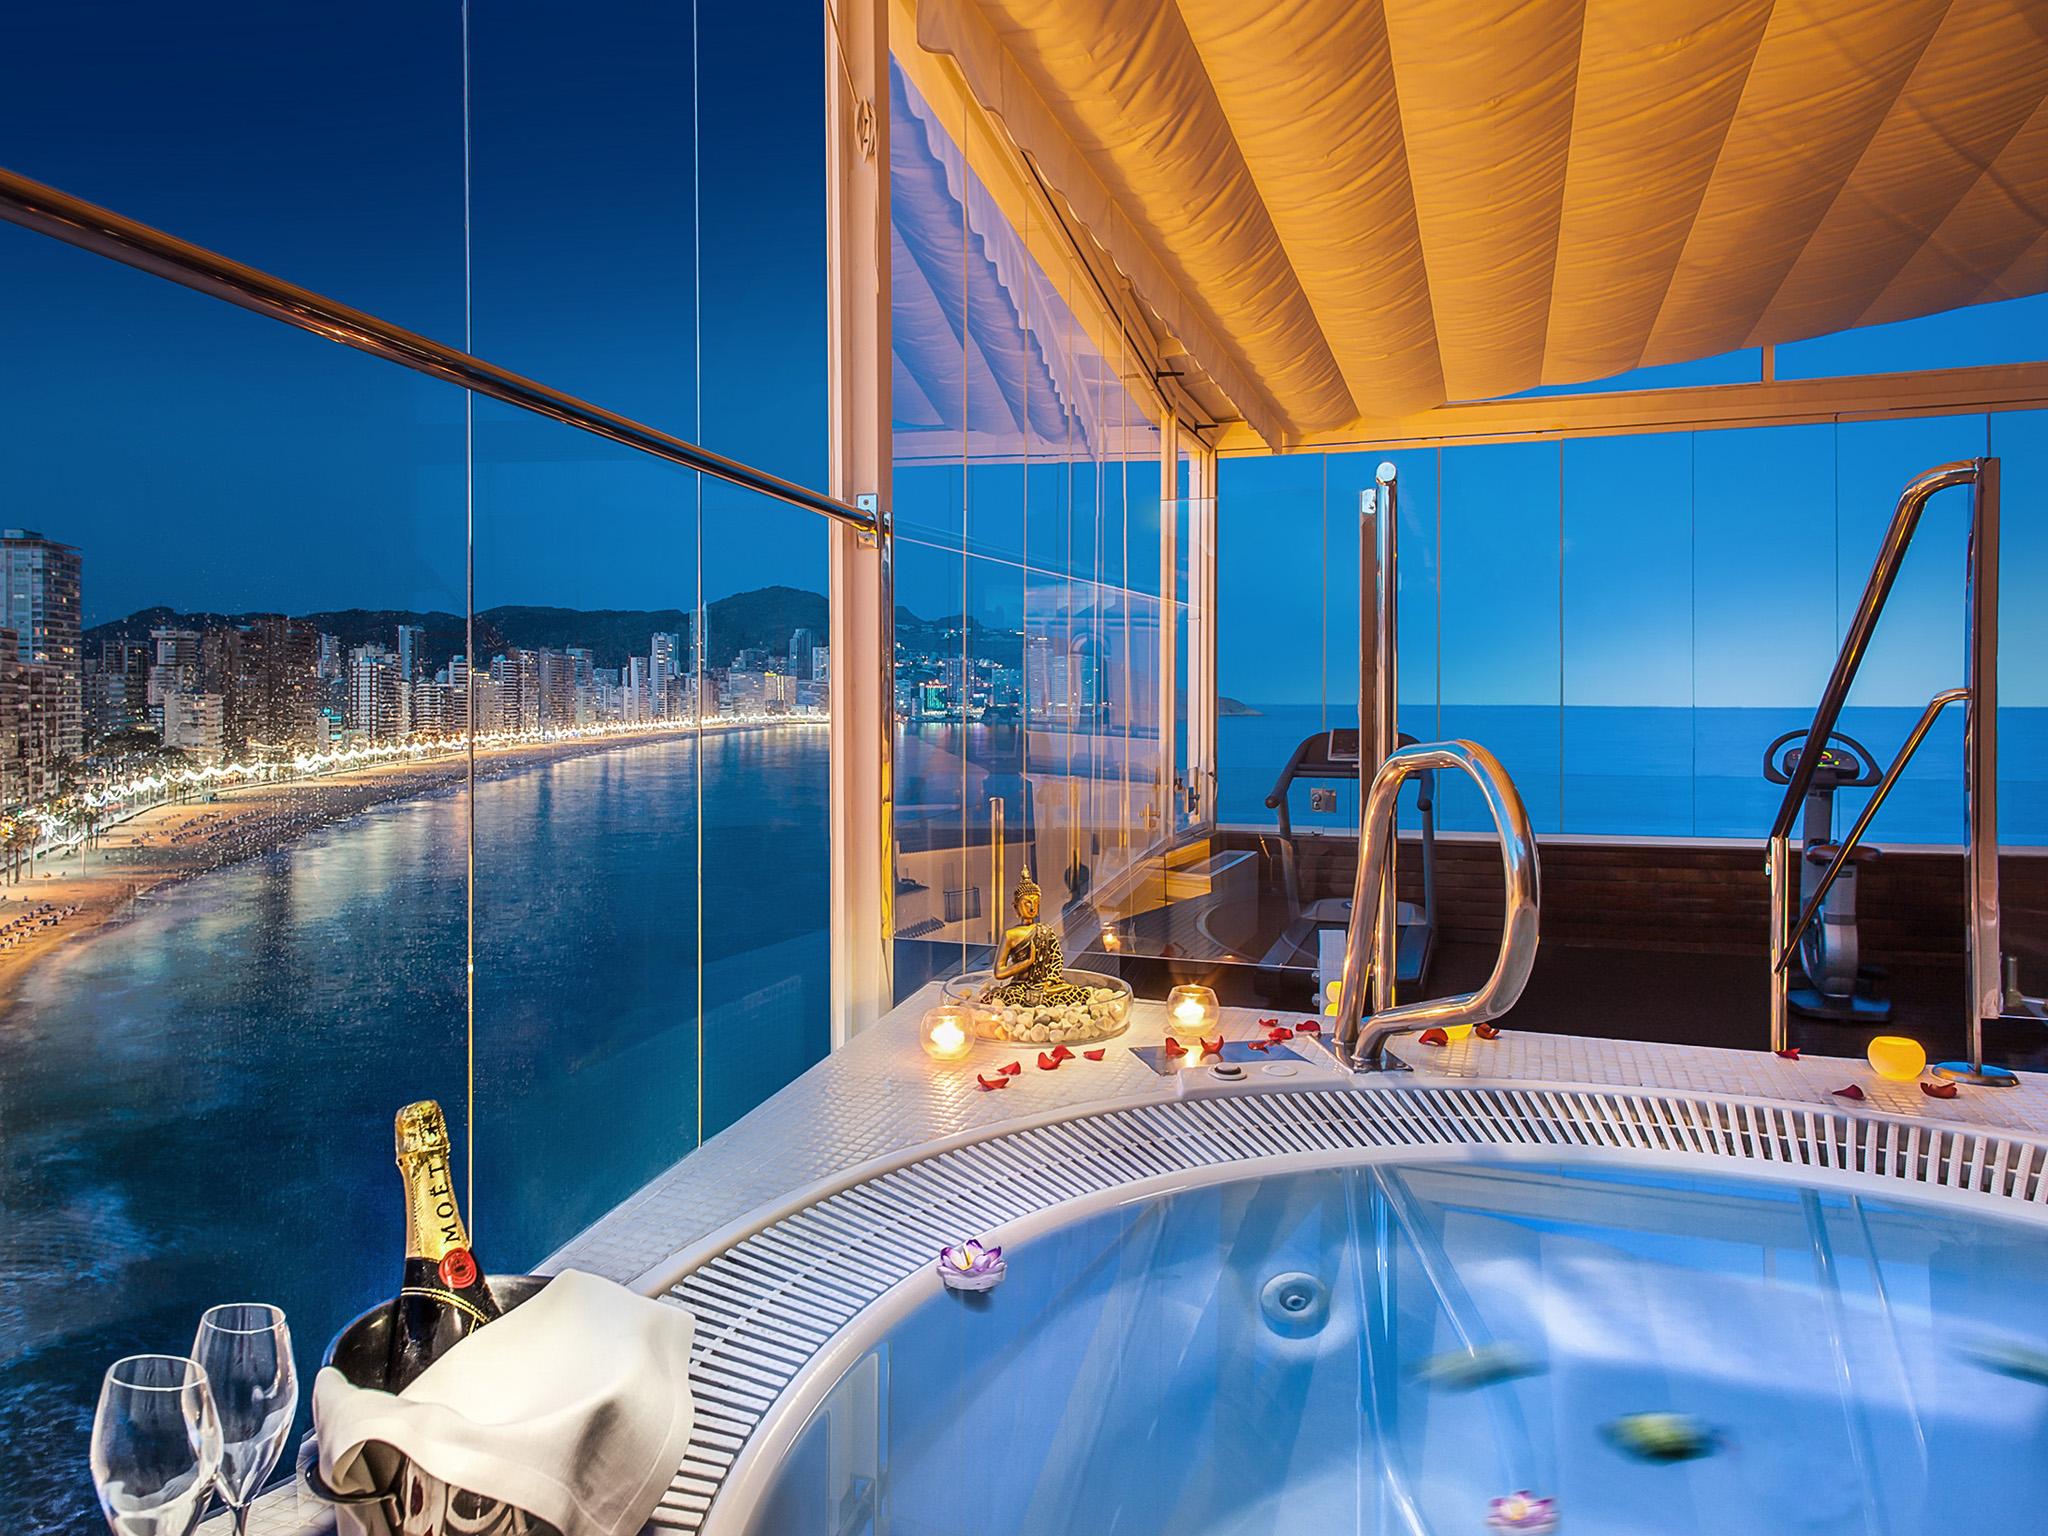 Spa Privado Nocturno Hotel Villa Venecia Boutique Gourmet